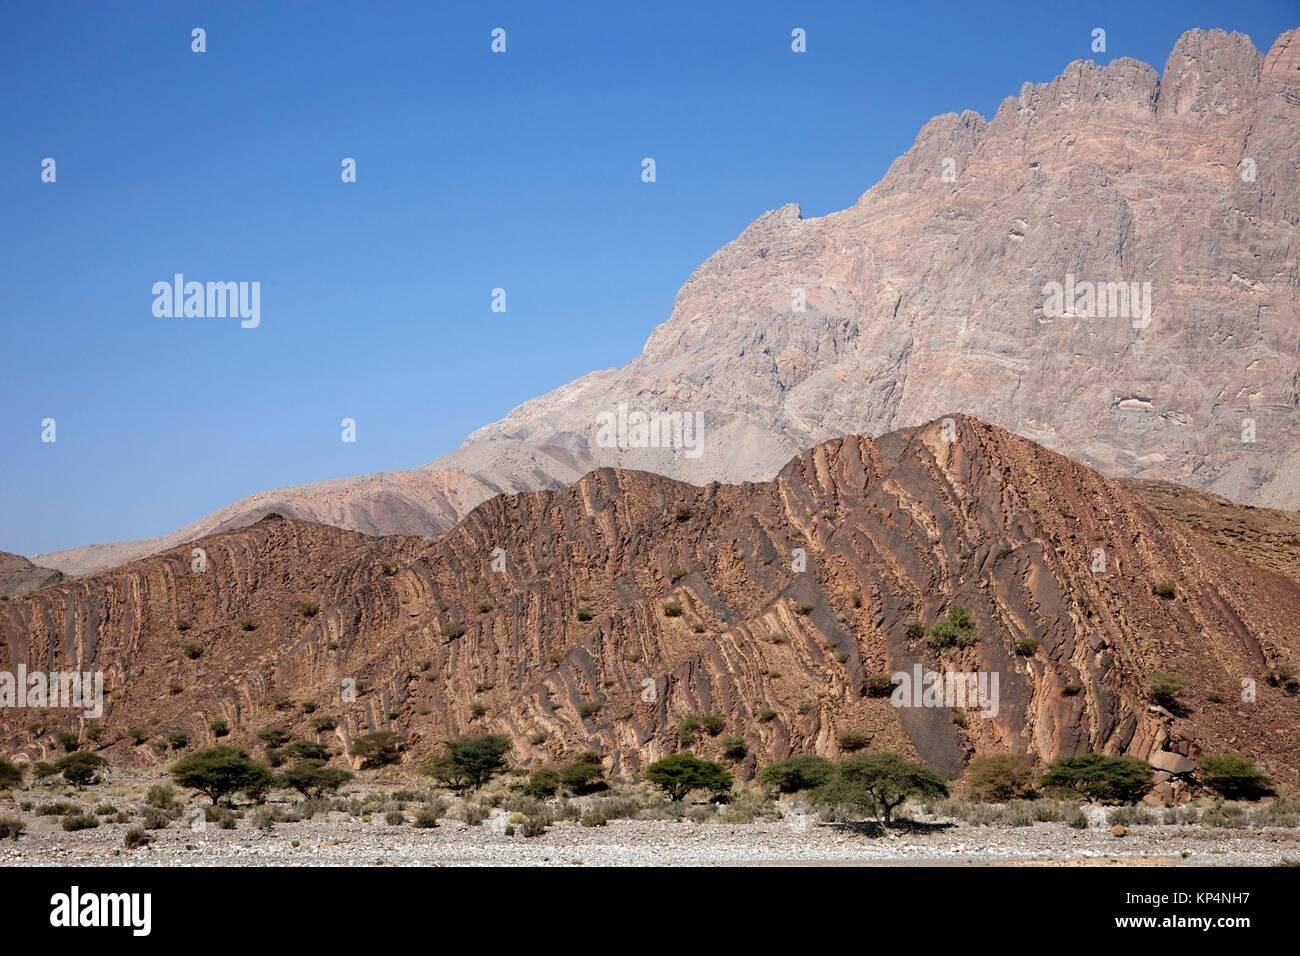 Necropolis de Al Ayn, Oman. - Stock Image